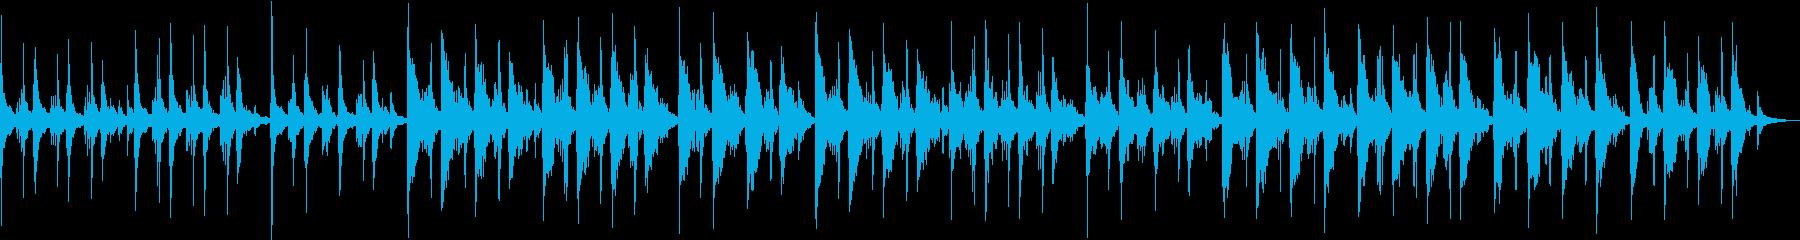 ピアノの優しい音色のリラクゼーション音楽の再生済みの波形